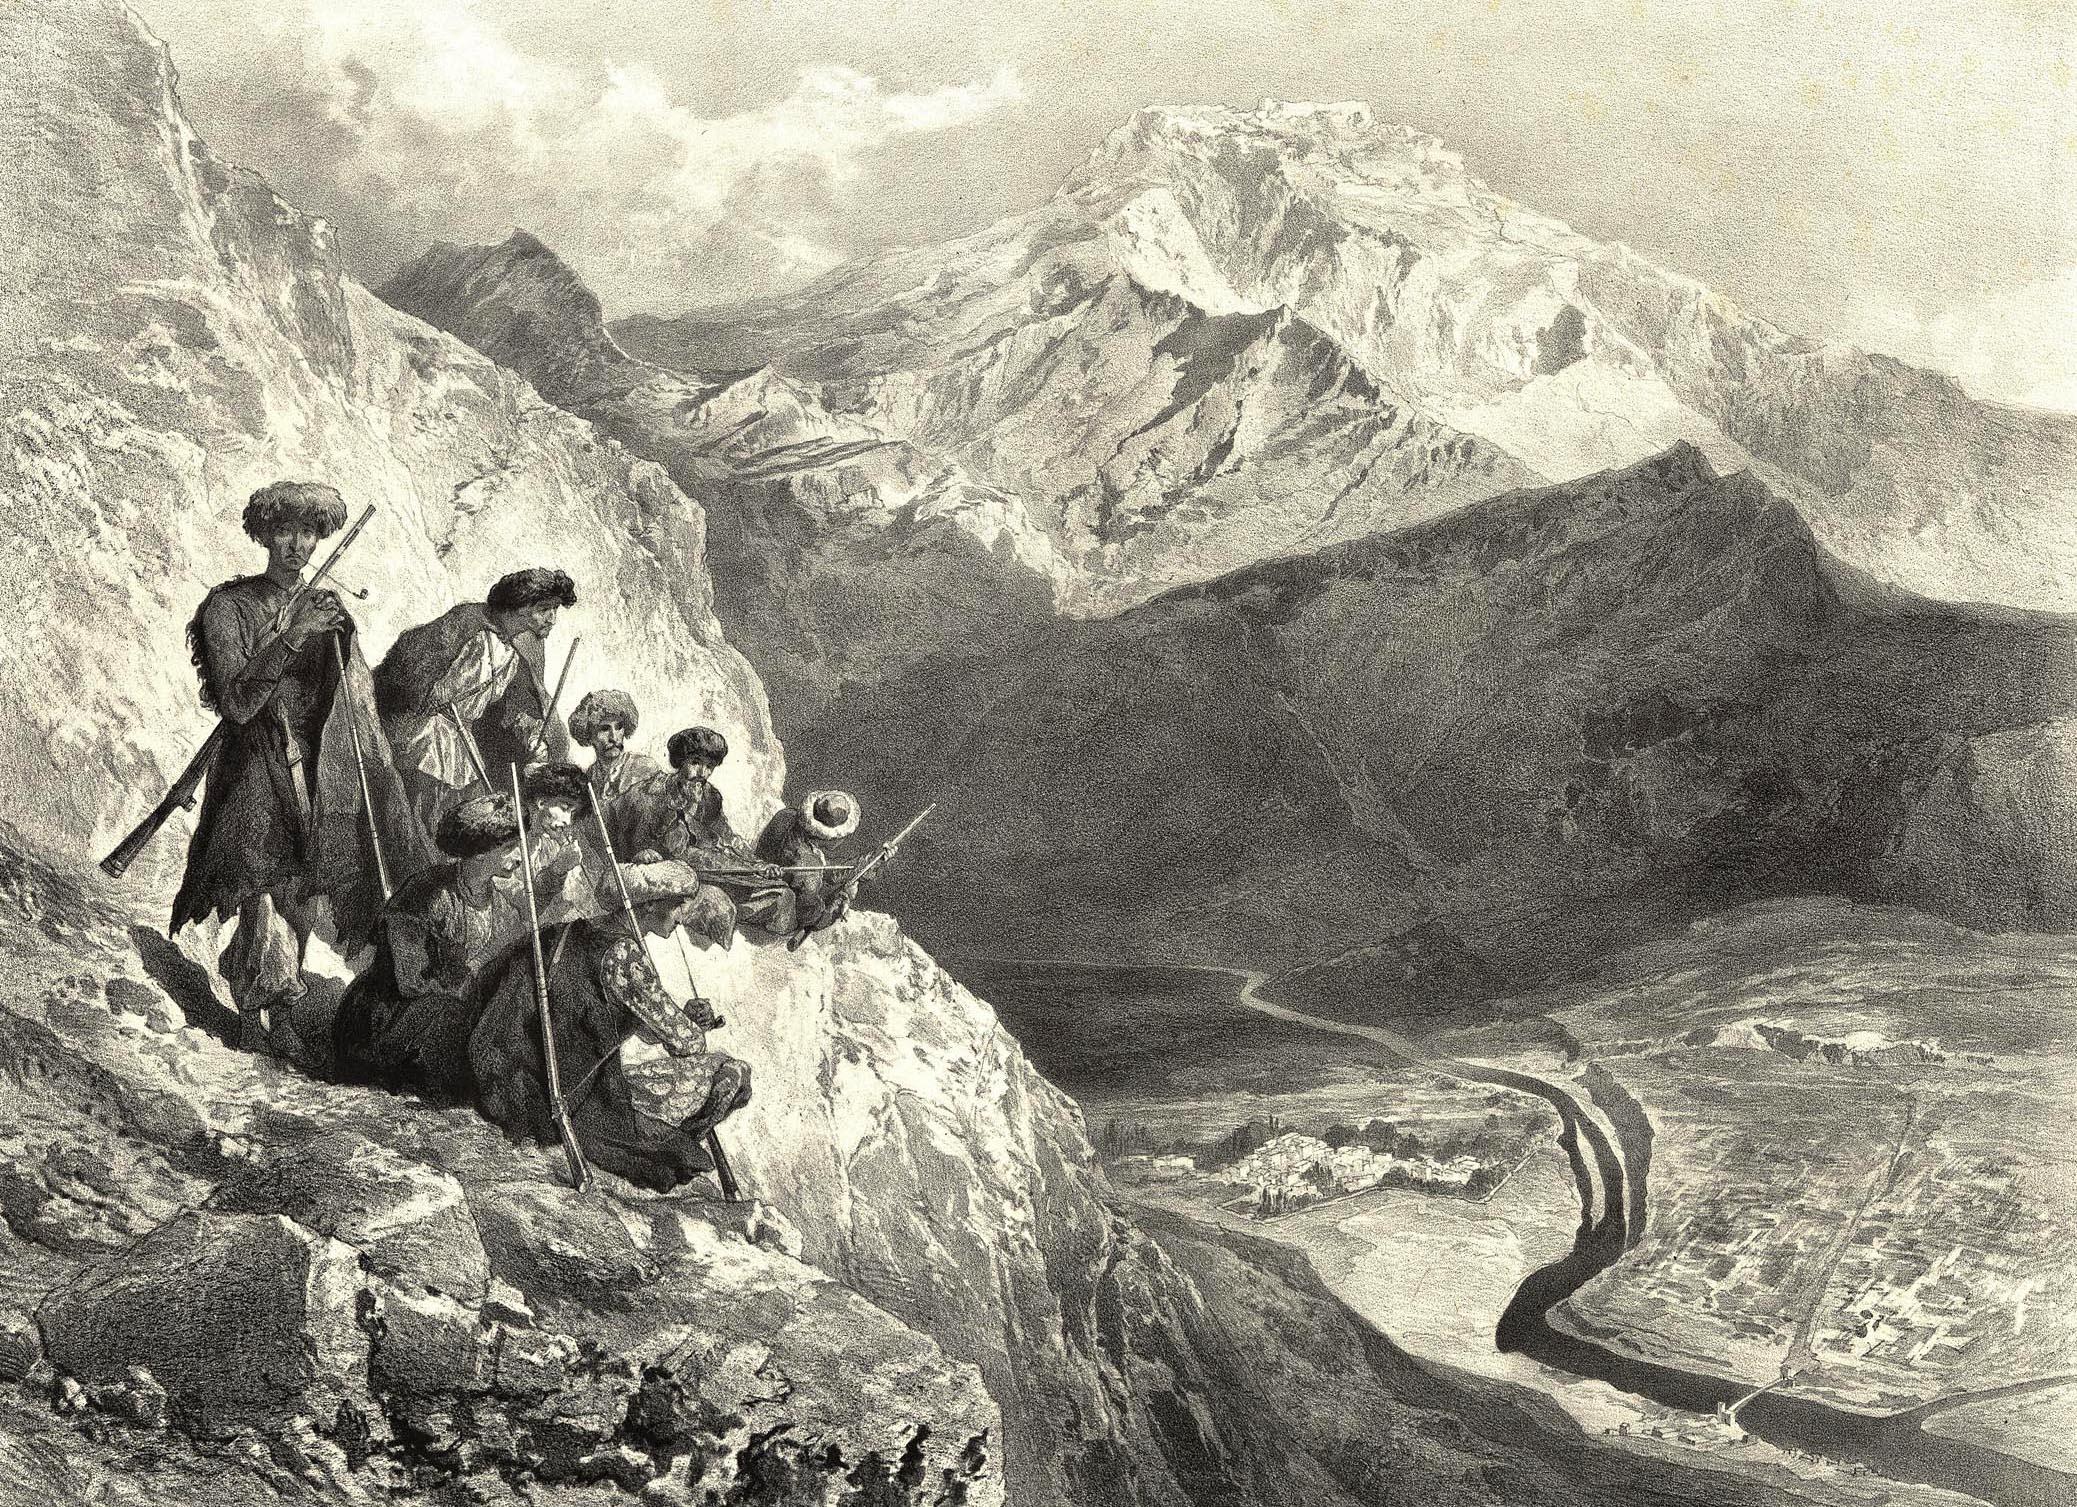 68. Daghestan. Montagne de Tilitle, village de Holotle / Дагестан. Тилитлинская гора, село Гоготля